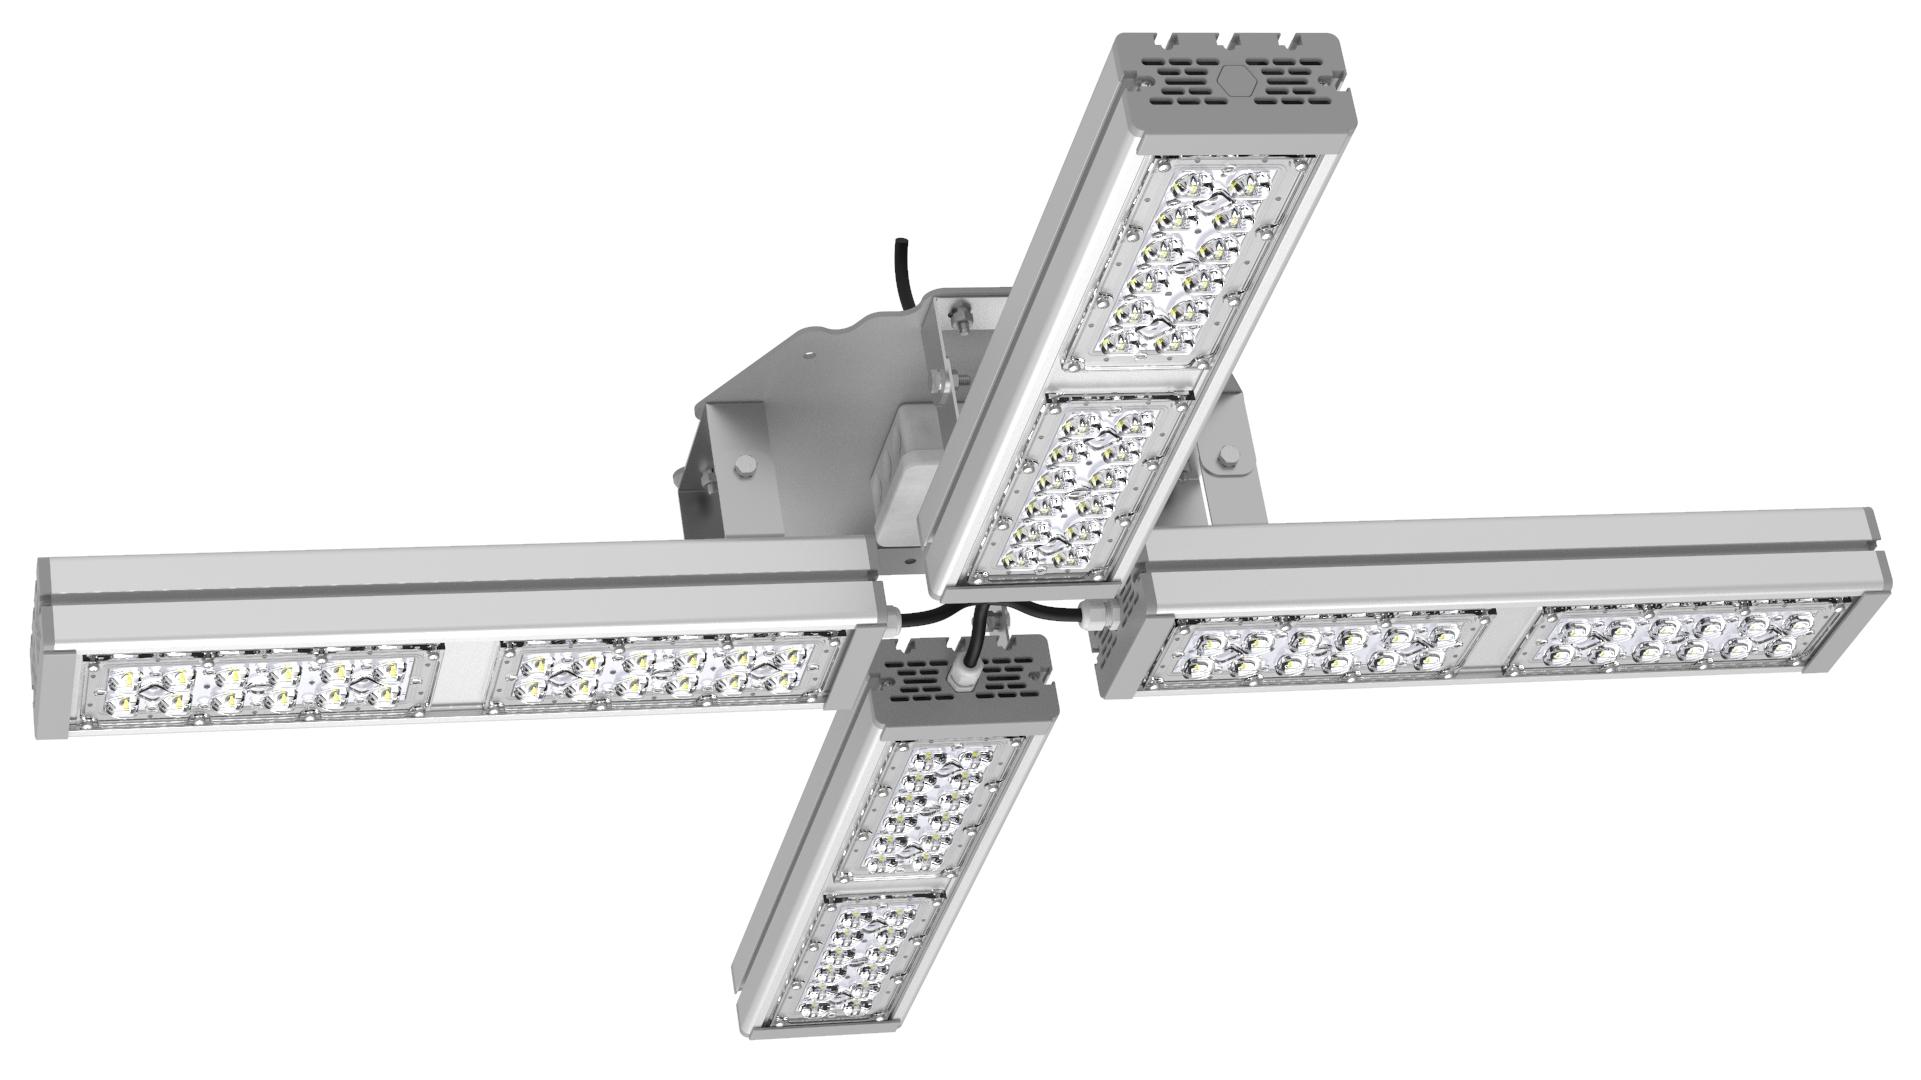 Светильник подвесной Ромашка High-Bay SVT-P-FLOWER-212Вт-12 (с защитой от 380В, трос)